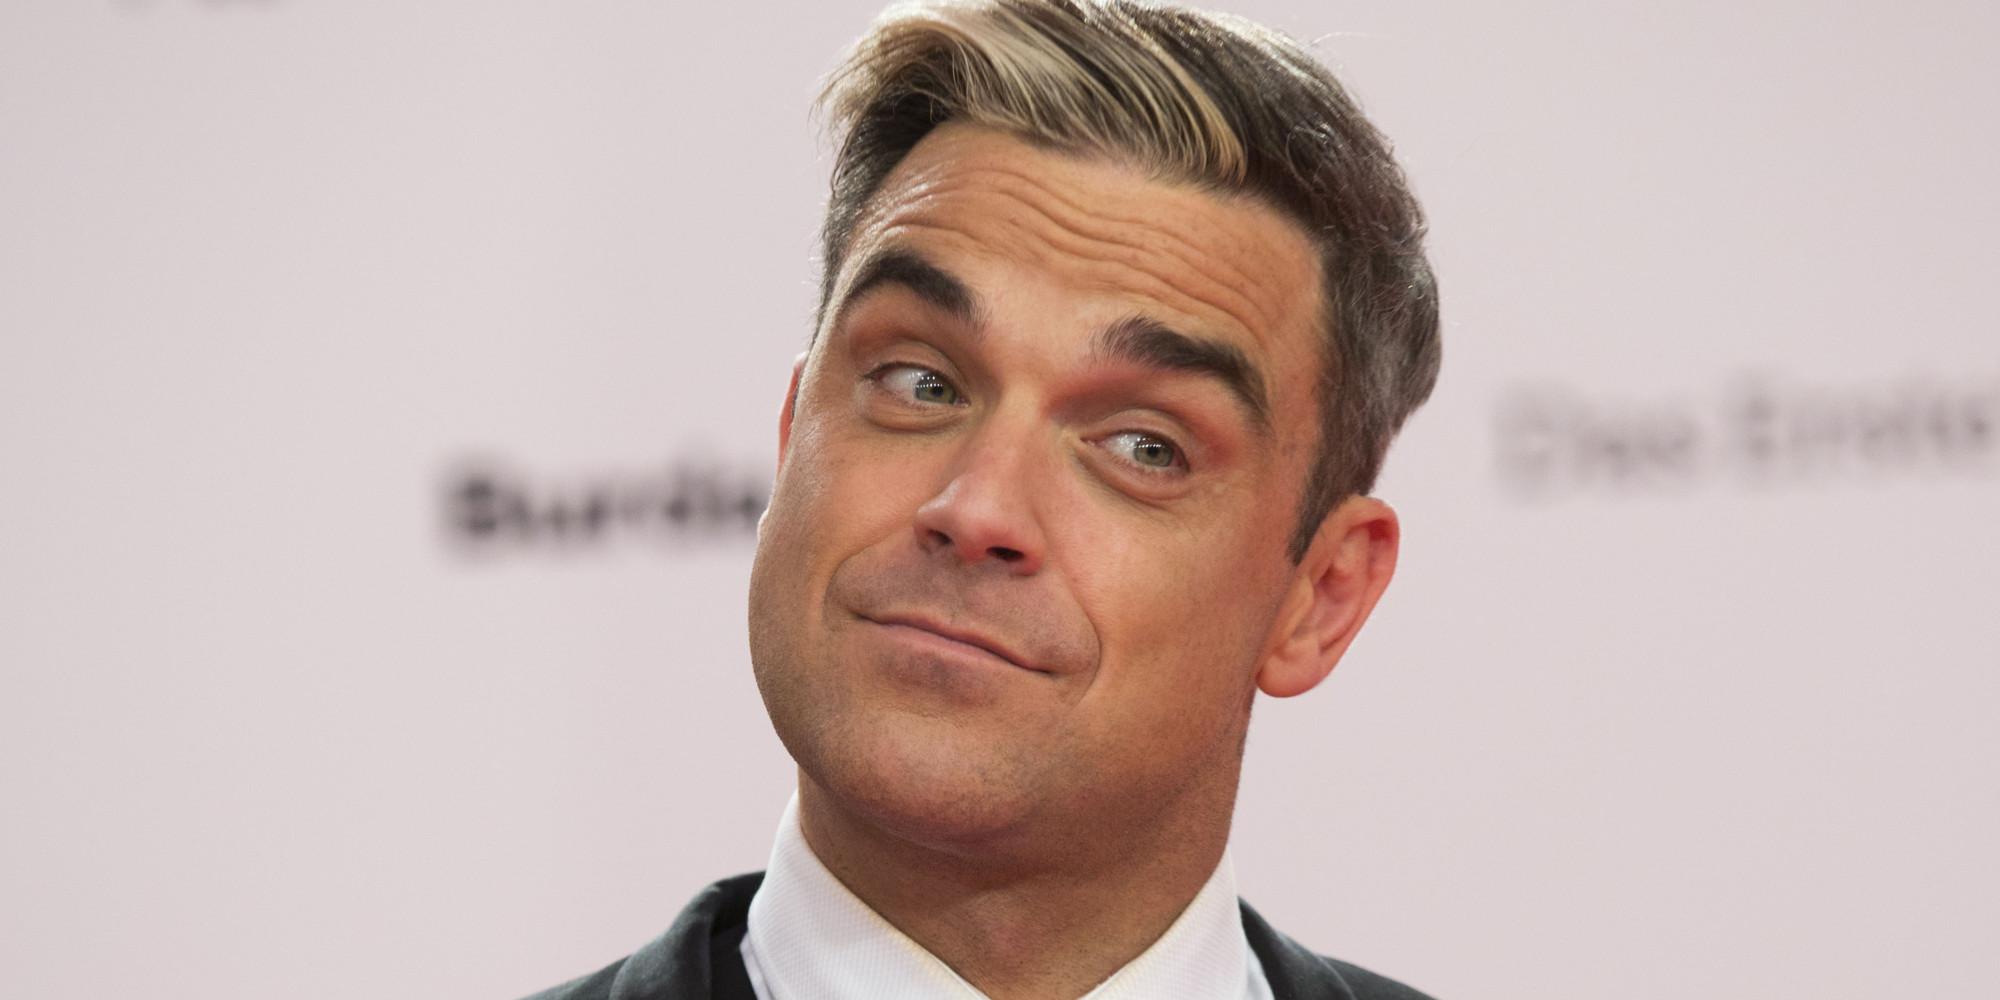 El difícil momento de Robbie Williams: cantante sufrió ataque de pánico